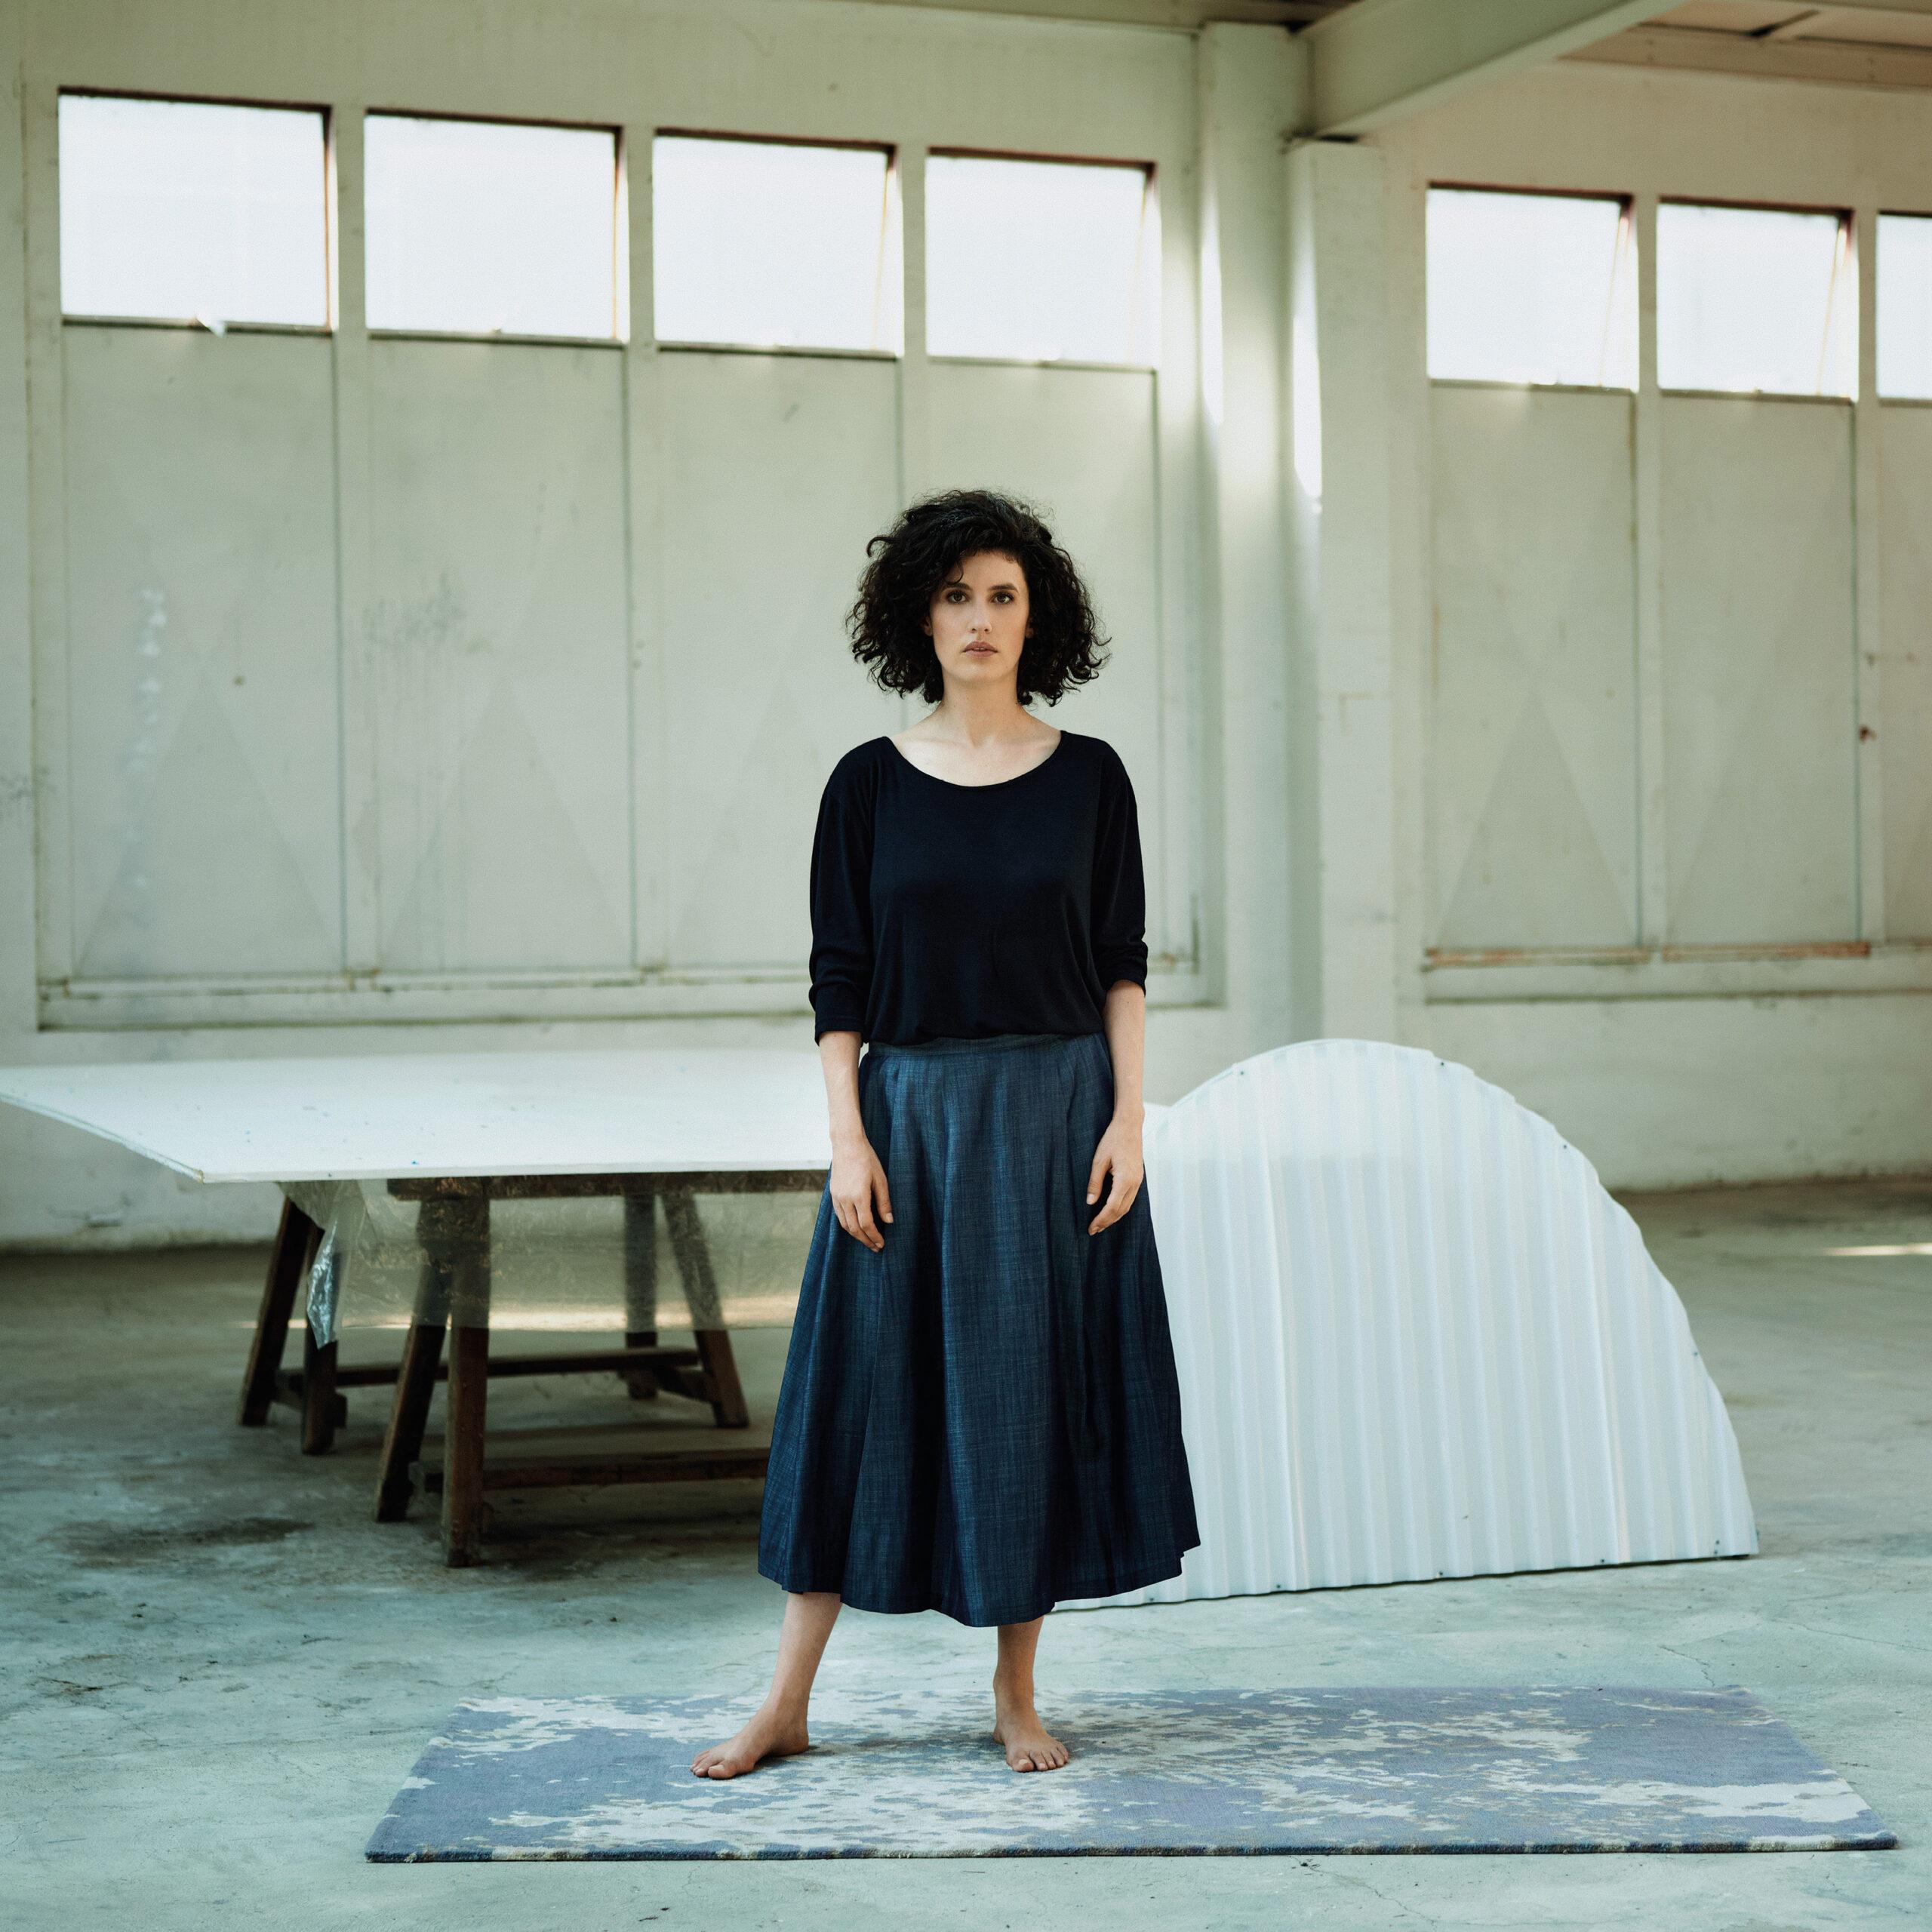 tgifw-thankgoditsfairwear-ateliertage-formforum-teppich-domus